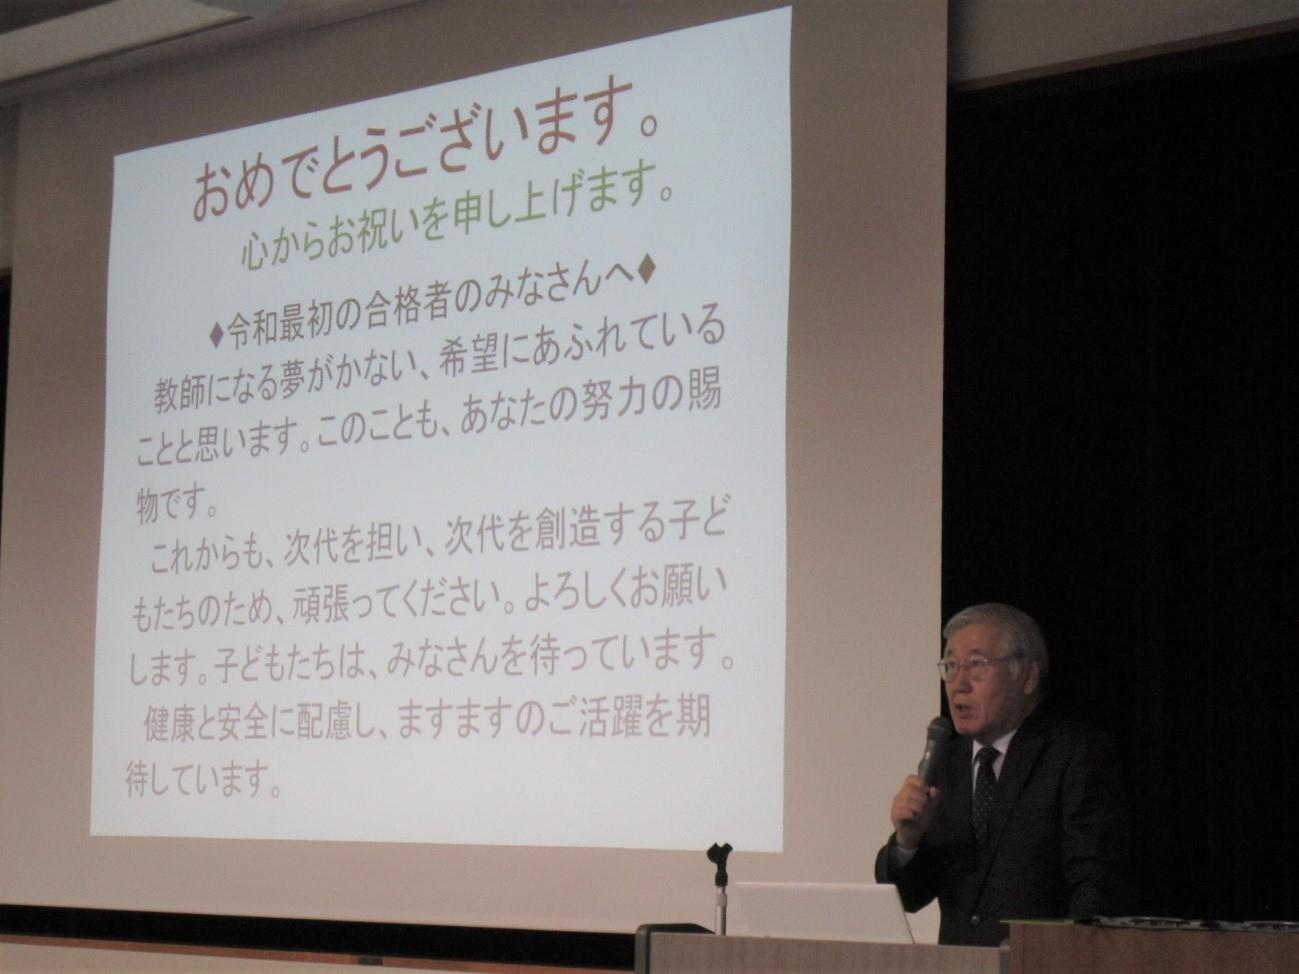 「教員採用試験合格者等に対する説明会」が開催されました。